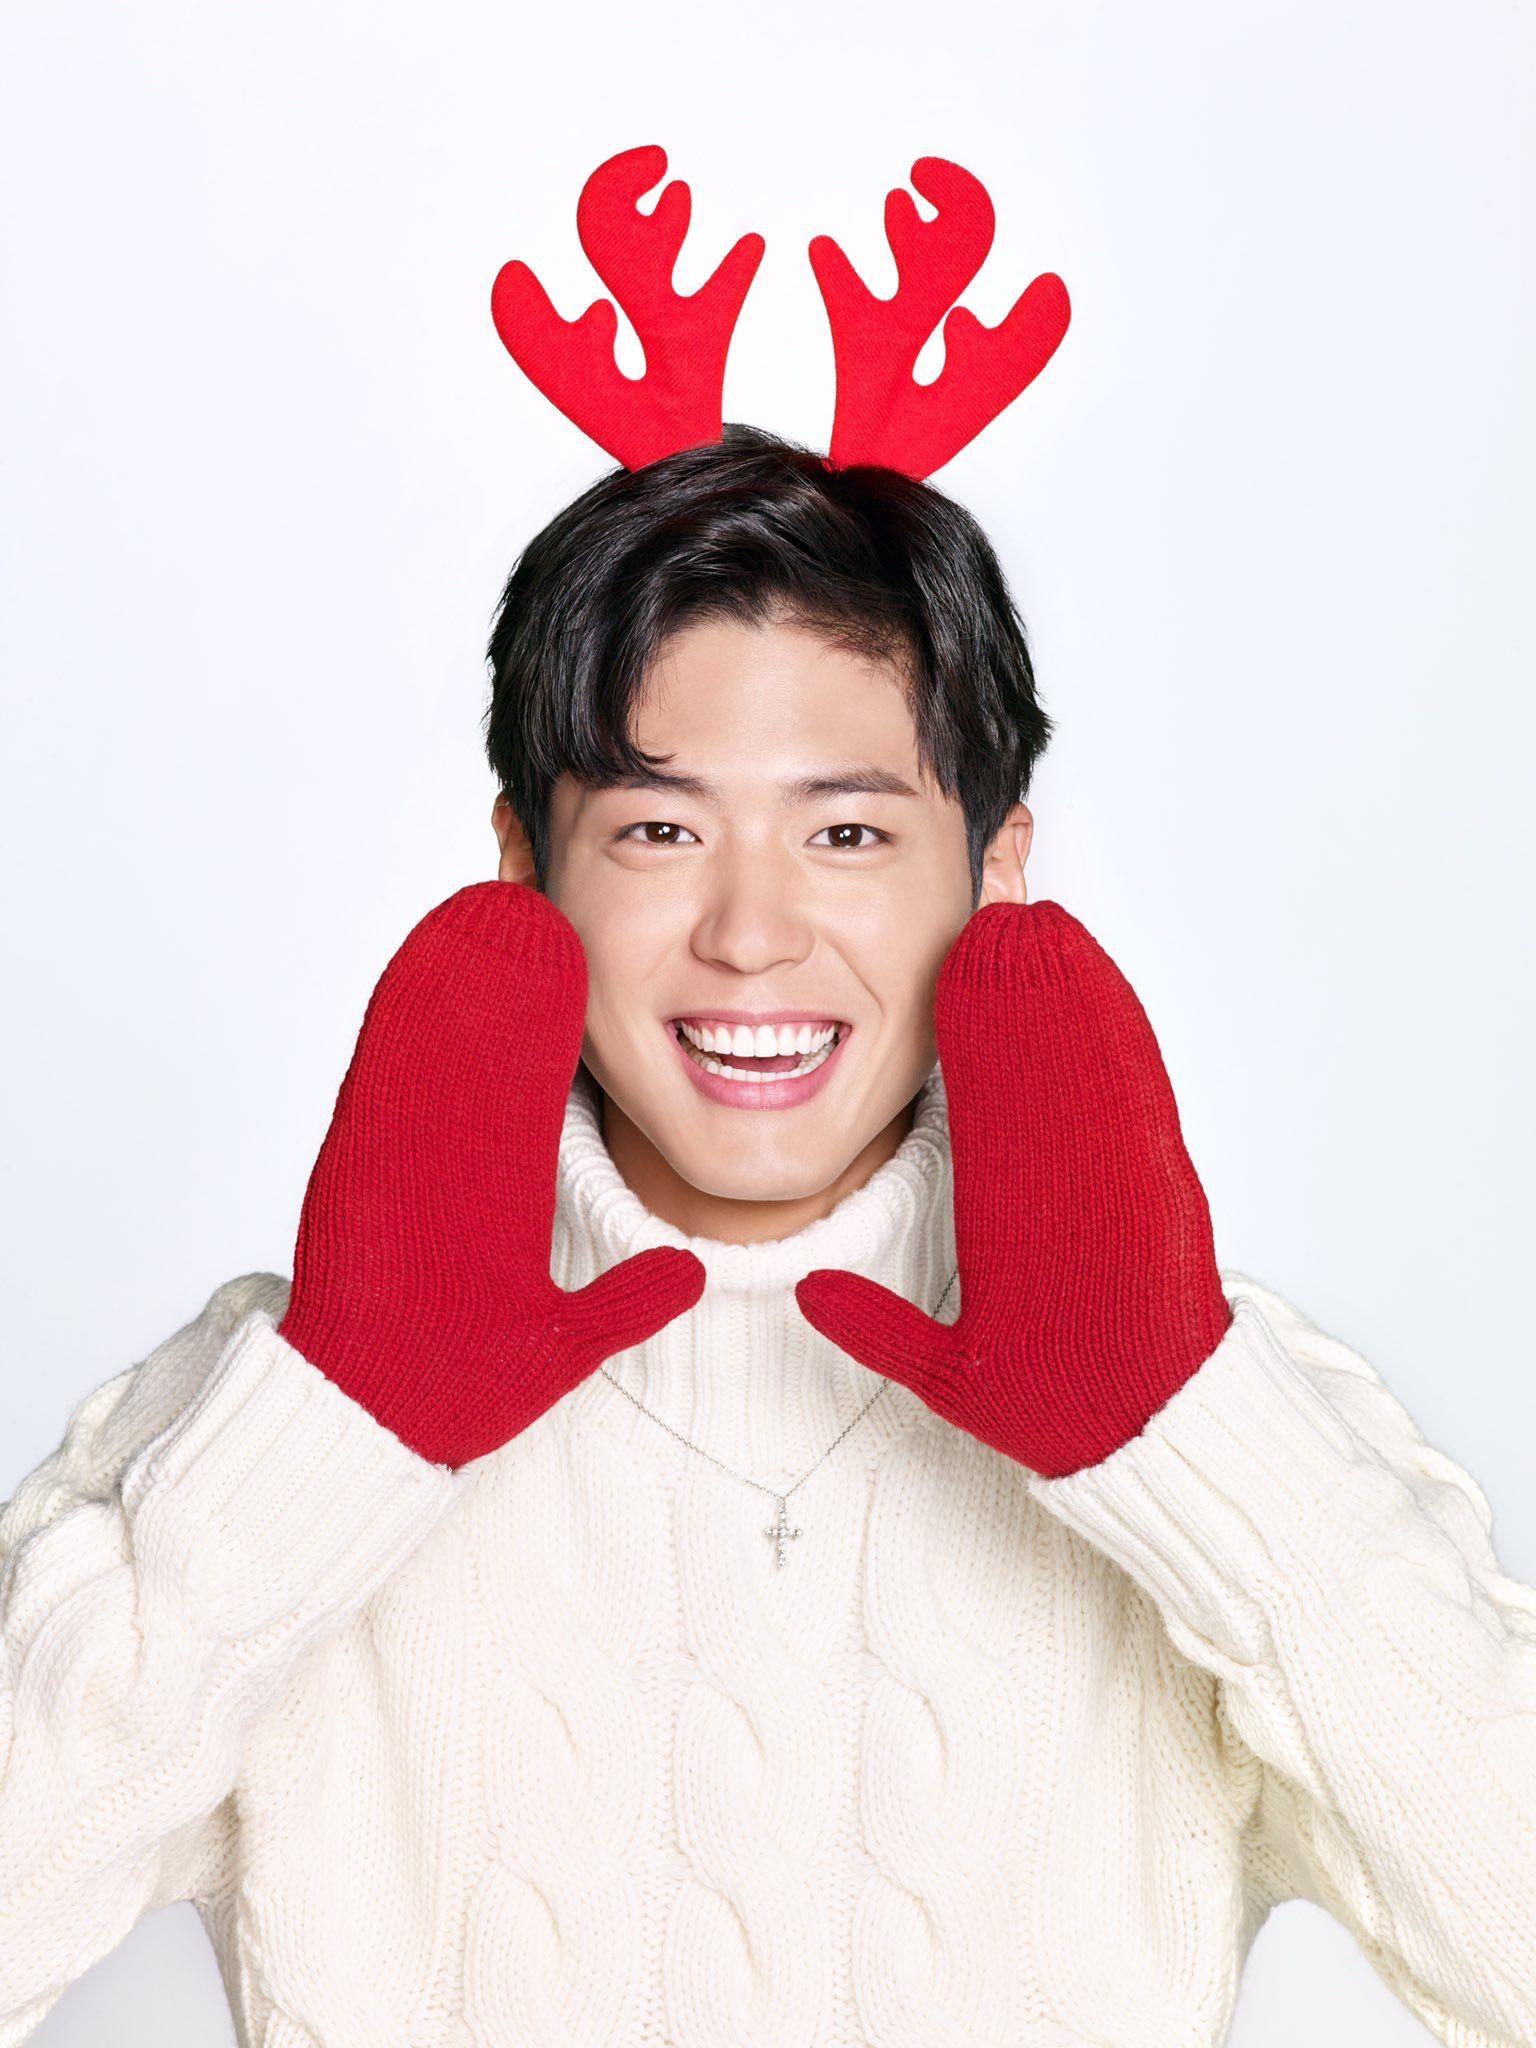 Hàng trăm người chọn ra sao Hàn được mong đợi nhất Giáng sinh: Toàn nam thần đình đám với đặc điểm chung bất ngờ - Ảnh 1.